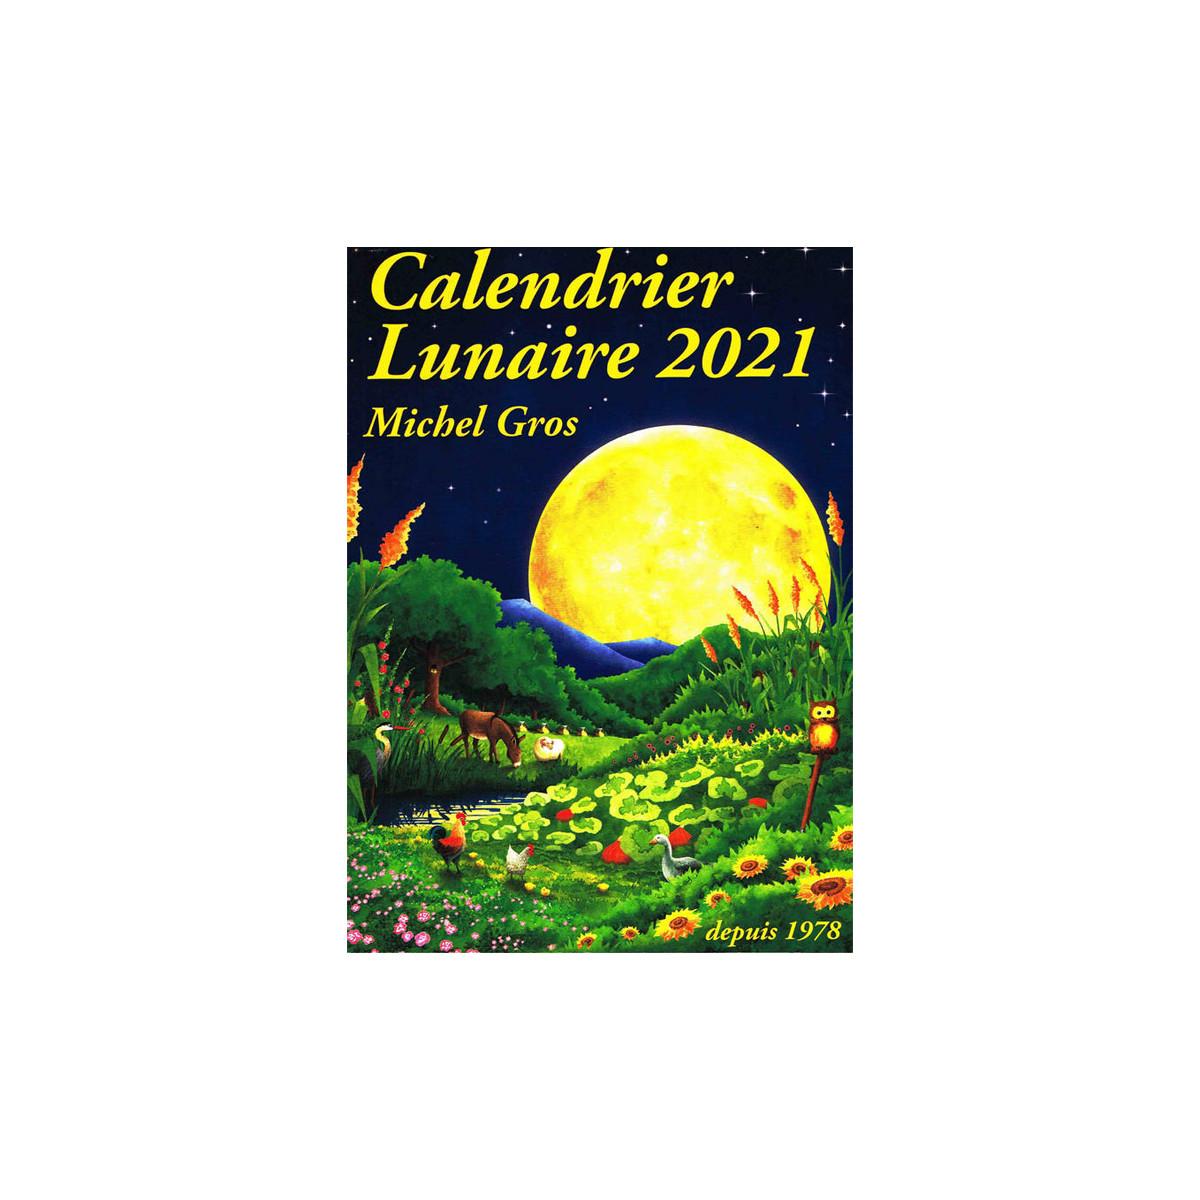 Calendrier Lunaire 2021 Michel Gros Calendrier Lunaire 2021, Michel gros